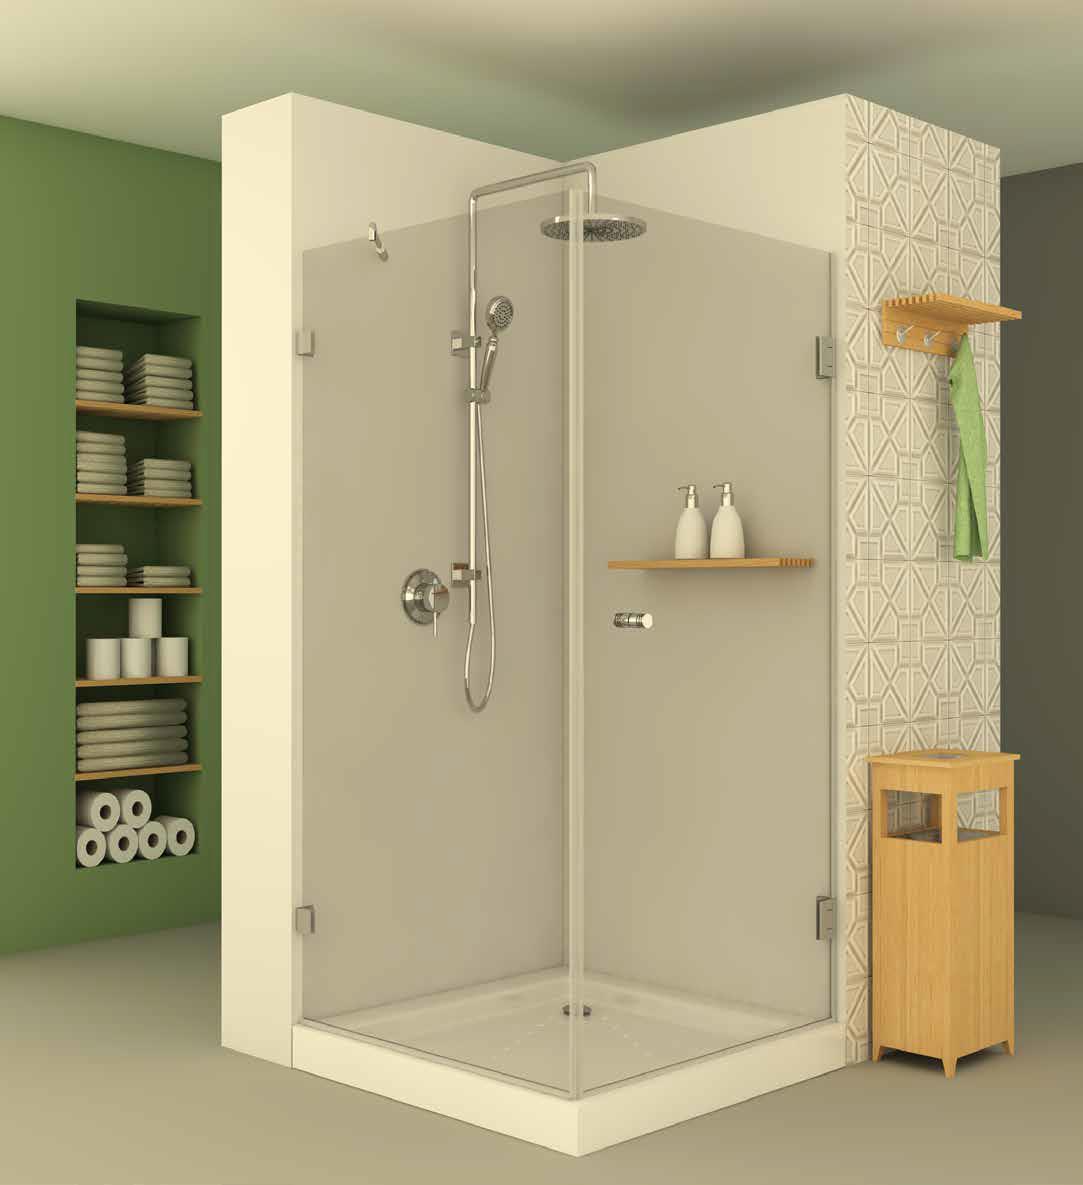 מקלחון פינתי בהזמנה מיוחדת שני דלתות ושני יחידות קבועות